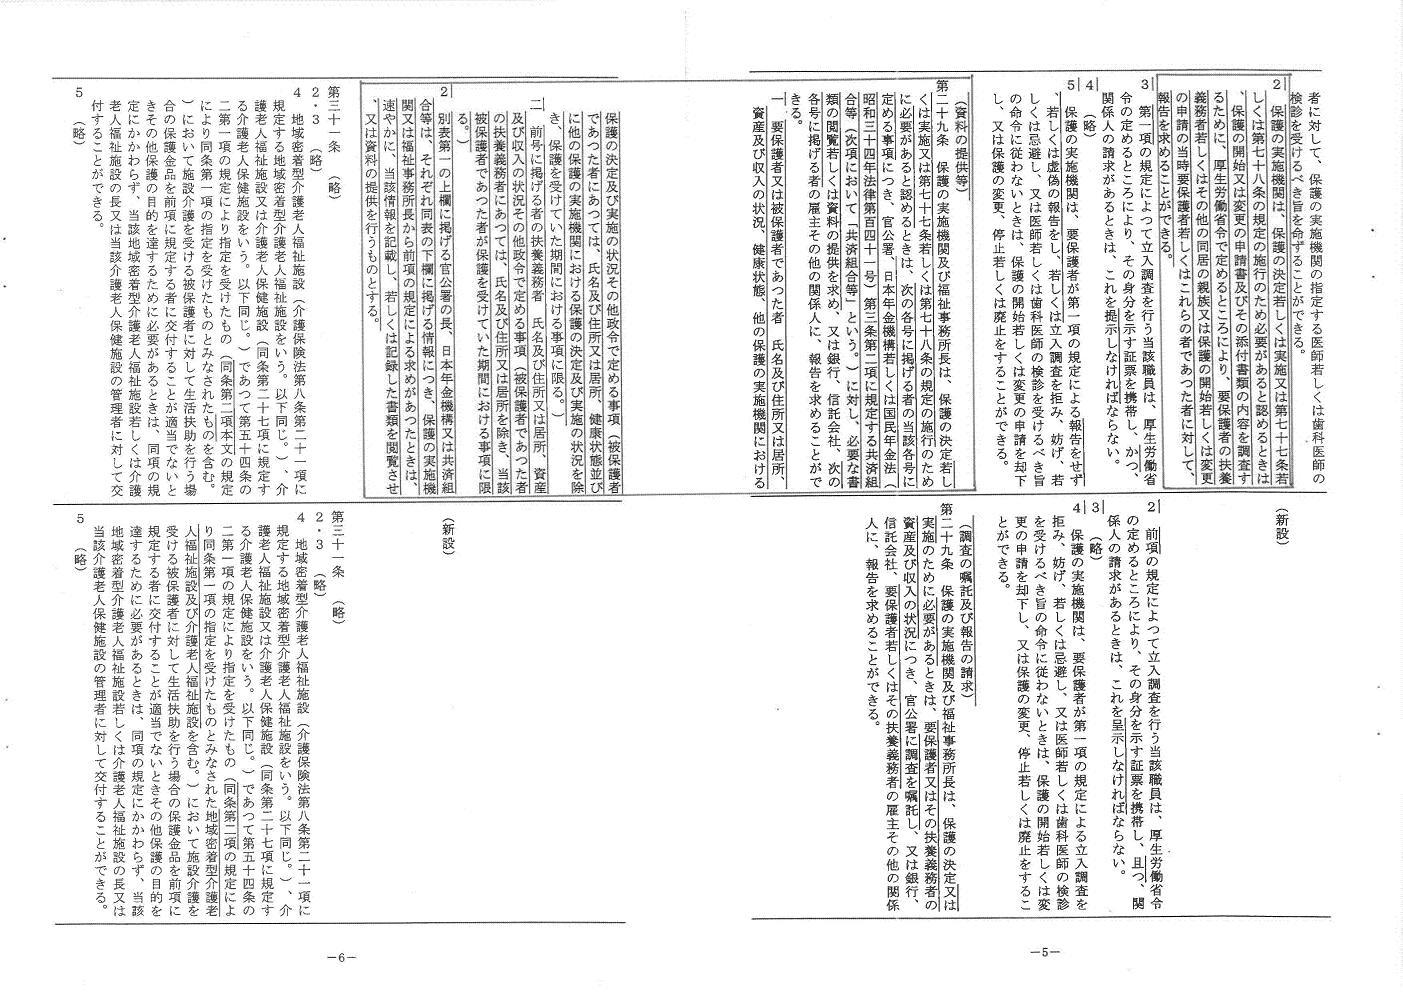 生活保護法改正法案対照表③